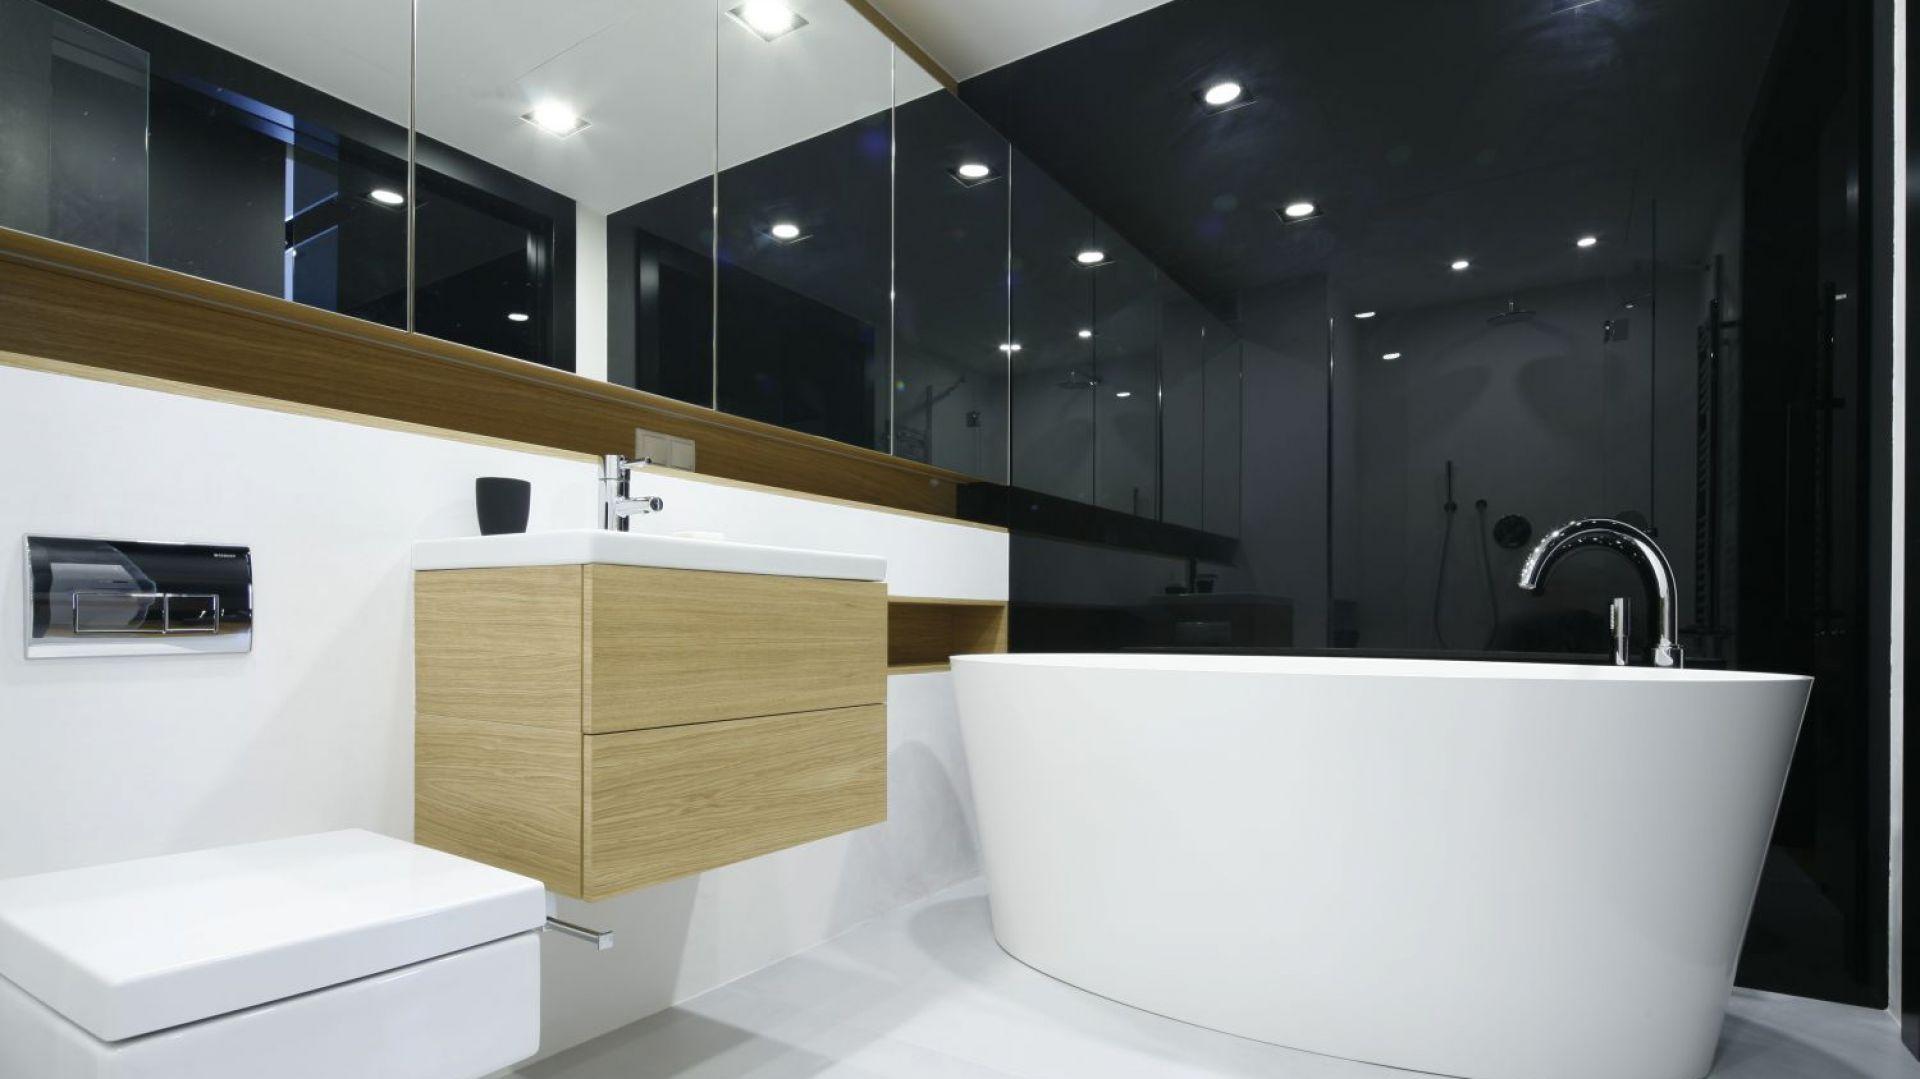 Ściana w łazience wykończono ogromną taflą szkła. Proj. Monika i Adam Bronikowscy. Fot. Bartosz Jarosz